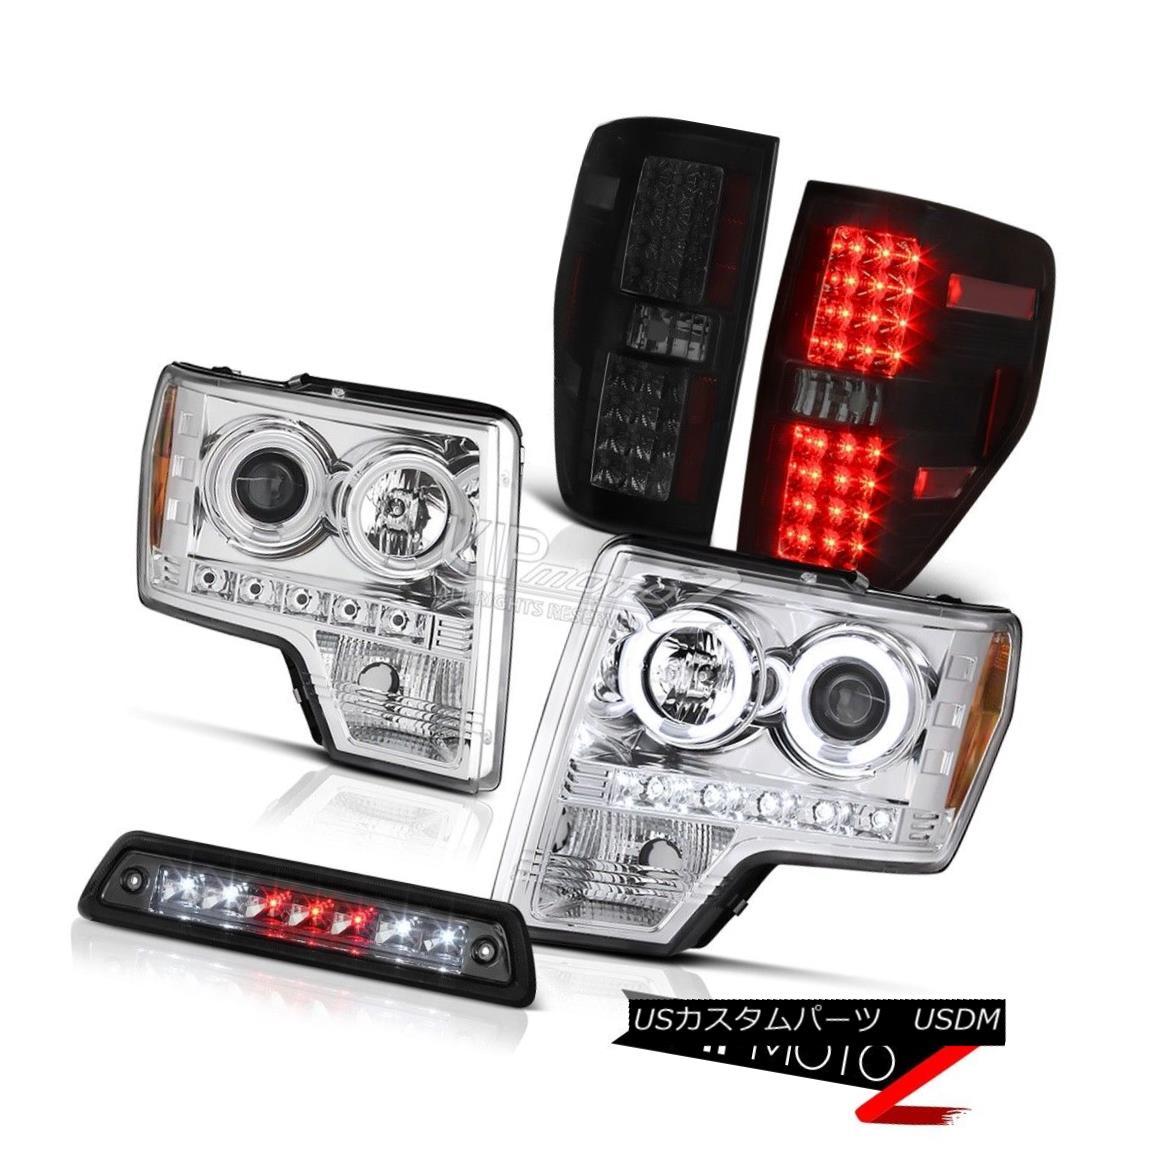 ヘッドライト 09-14 FORD F150 XL Dark smoke high stop light tail lights headlamps LED SMD Cool 09-14フォードF150 XLダークスモークハイストップライトテールライトヘッドランプLED SMD Cool